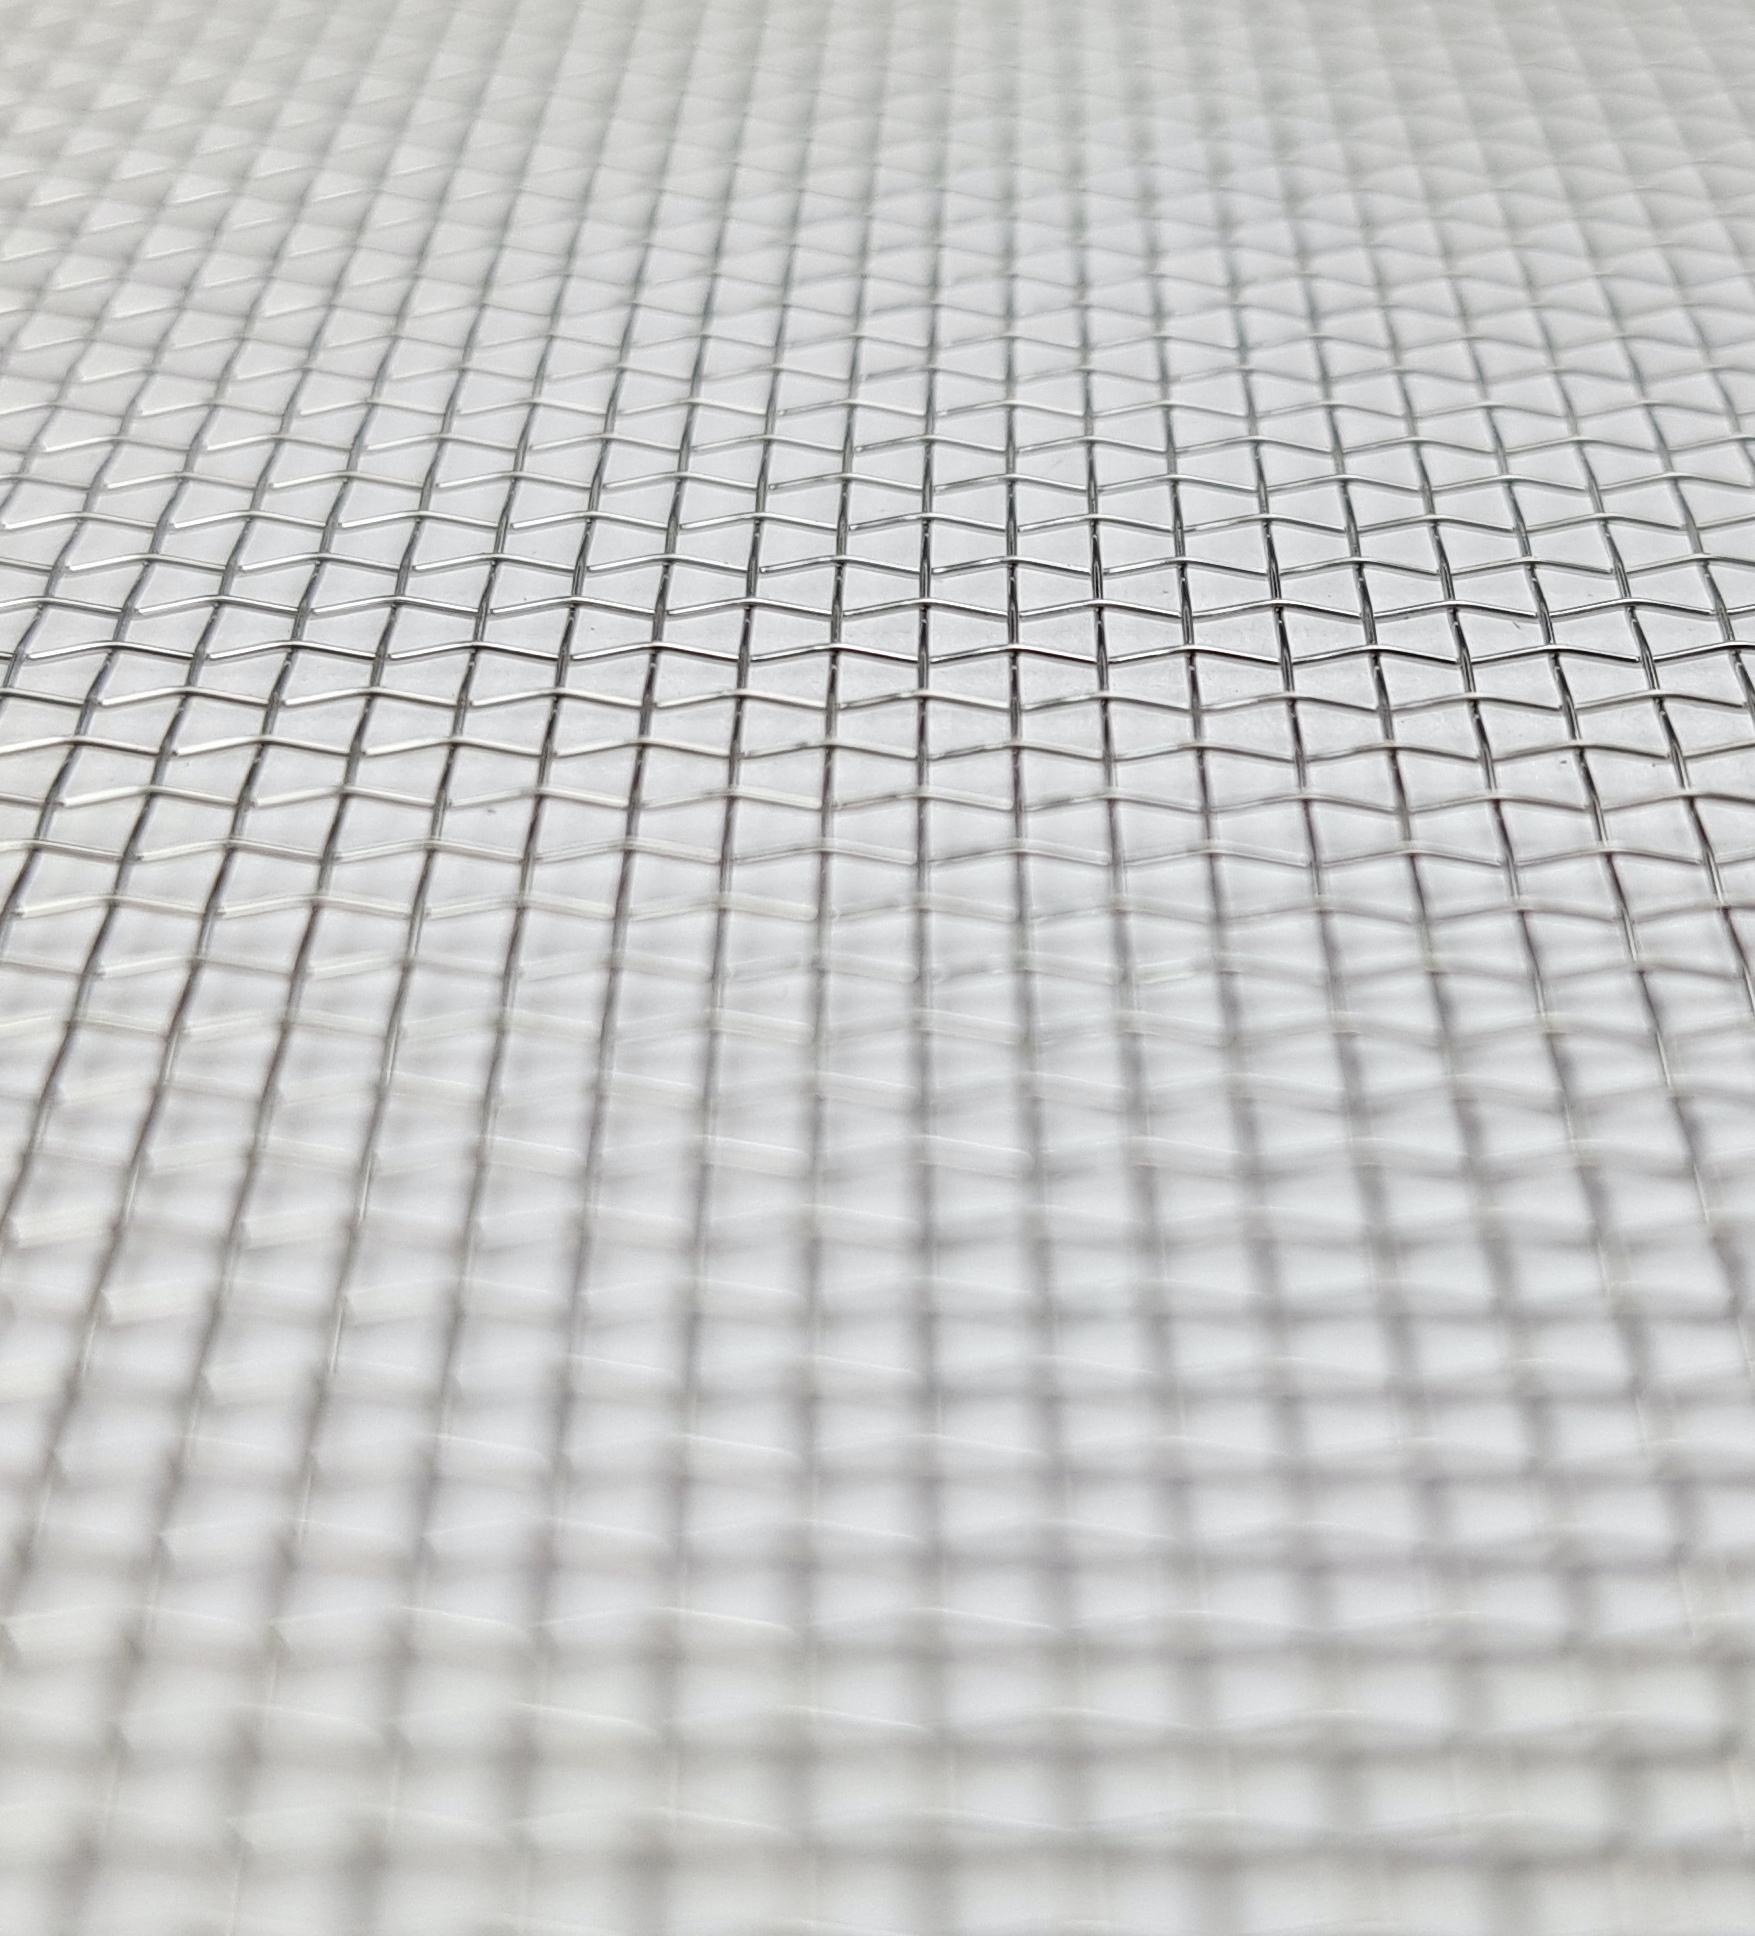 Tissu métallique uni ou croisé